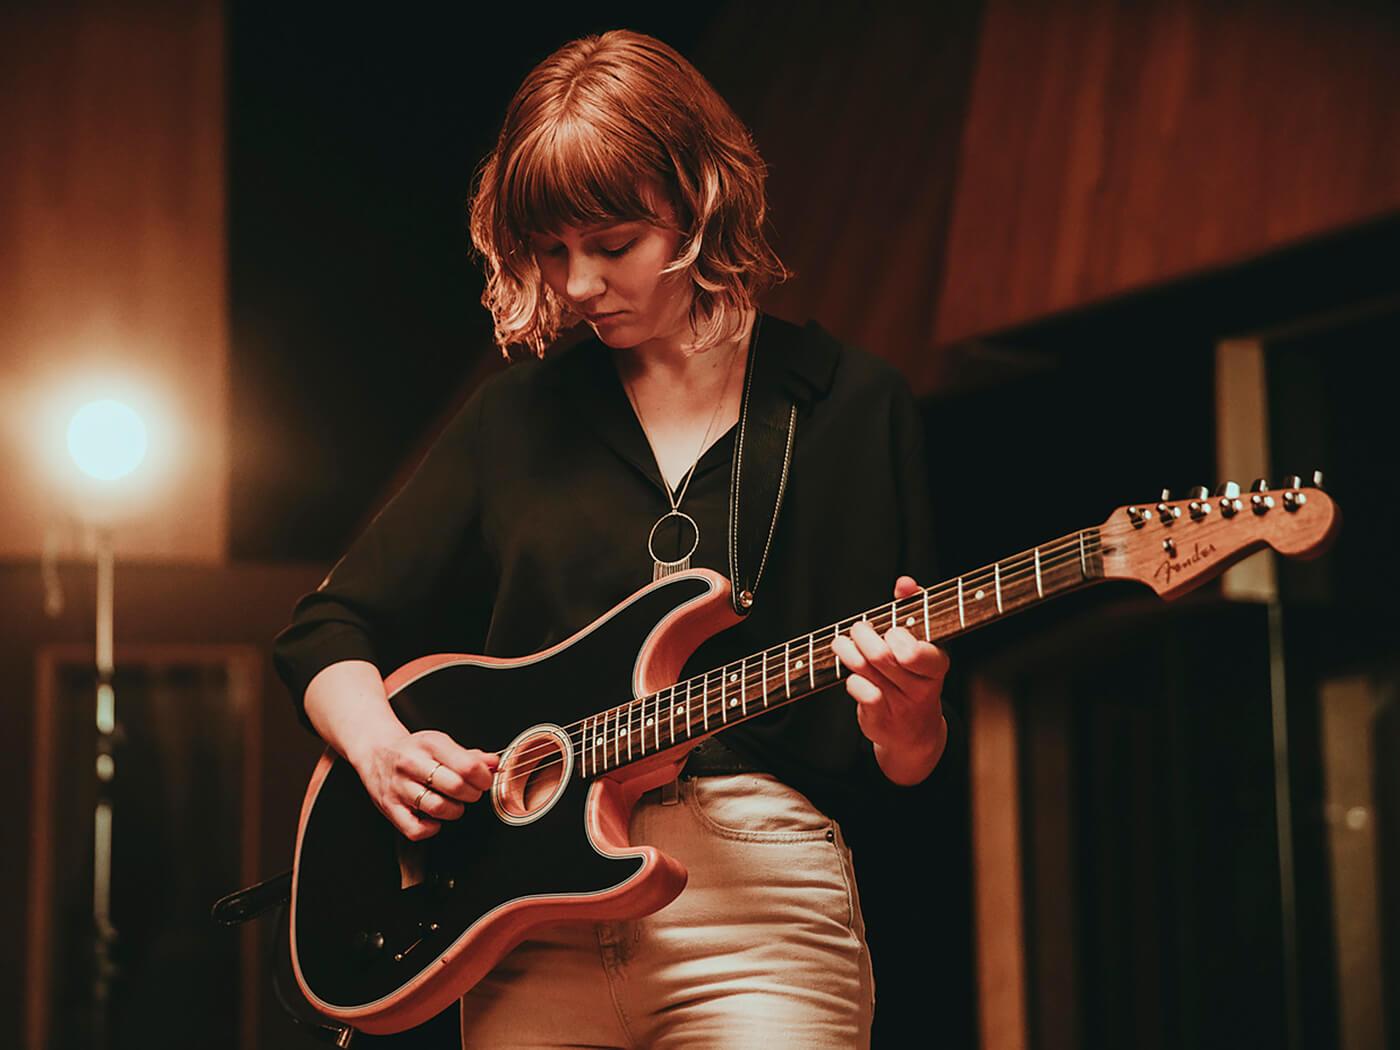 Molly Tuttle w Fender American Acoustasonic Stratocaster